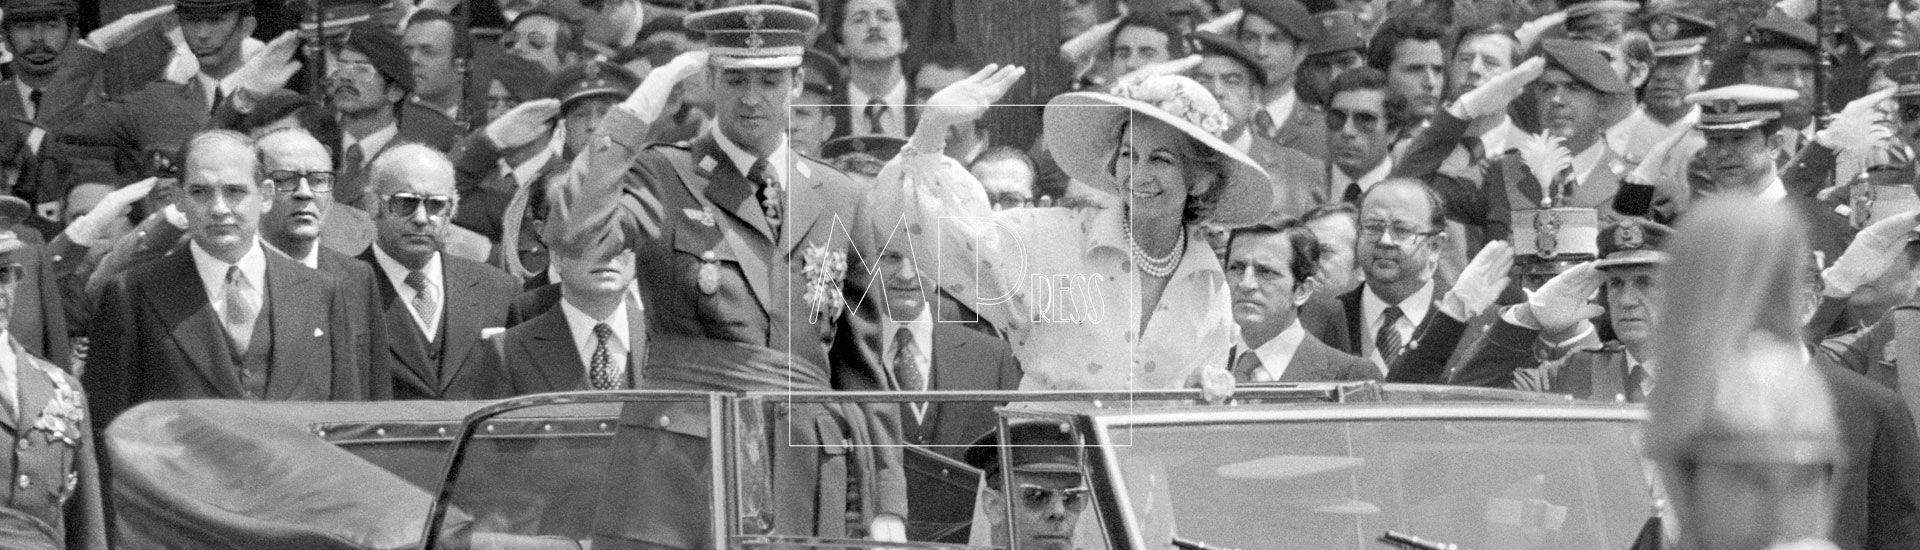 investidura del Rey Juan Carlos I